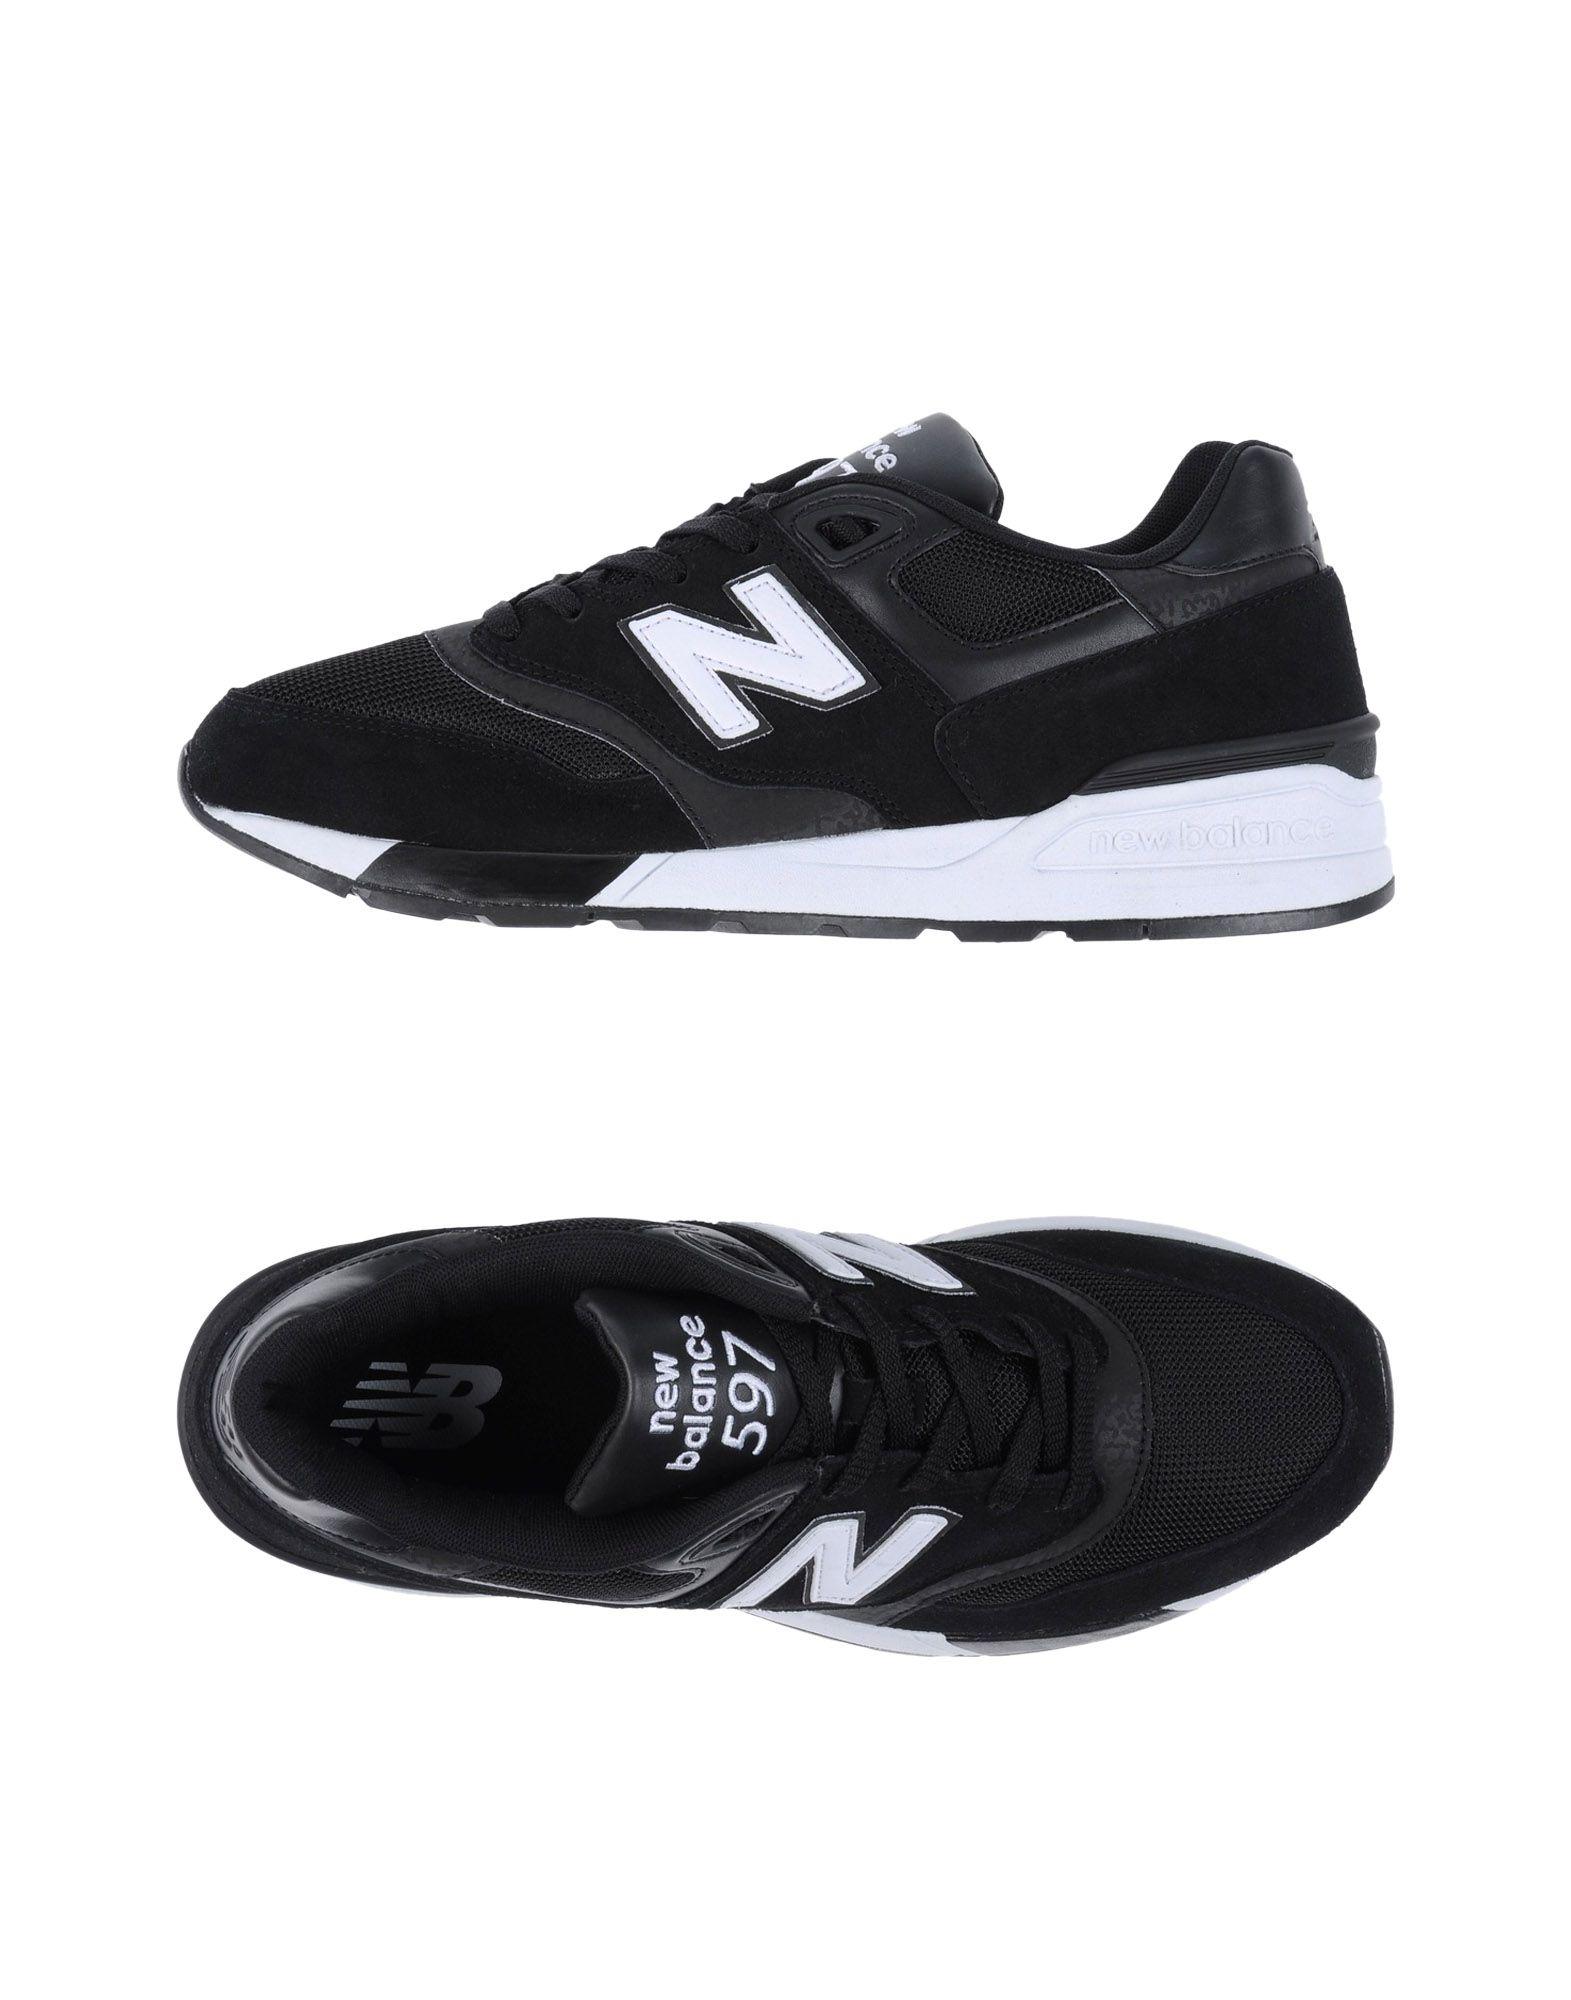 Sneakers New Balance 597 Classic Running - Uomo - 11195508GO